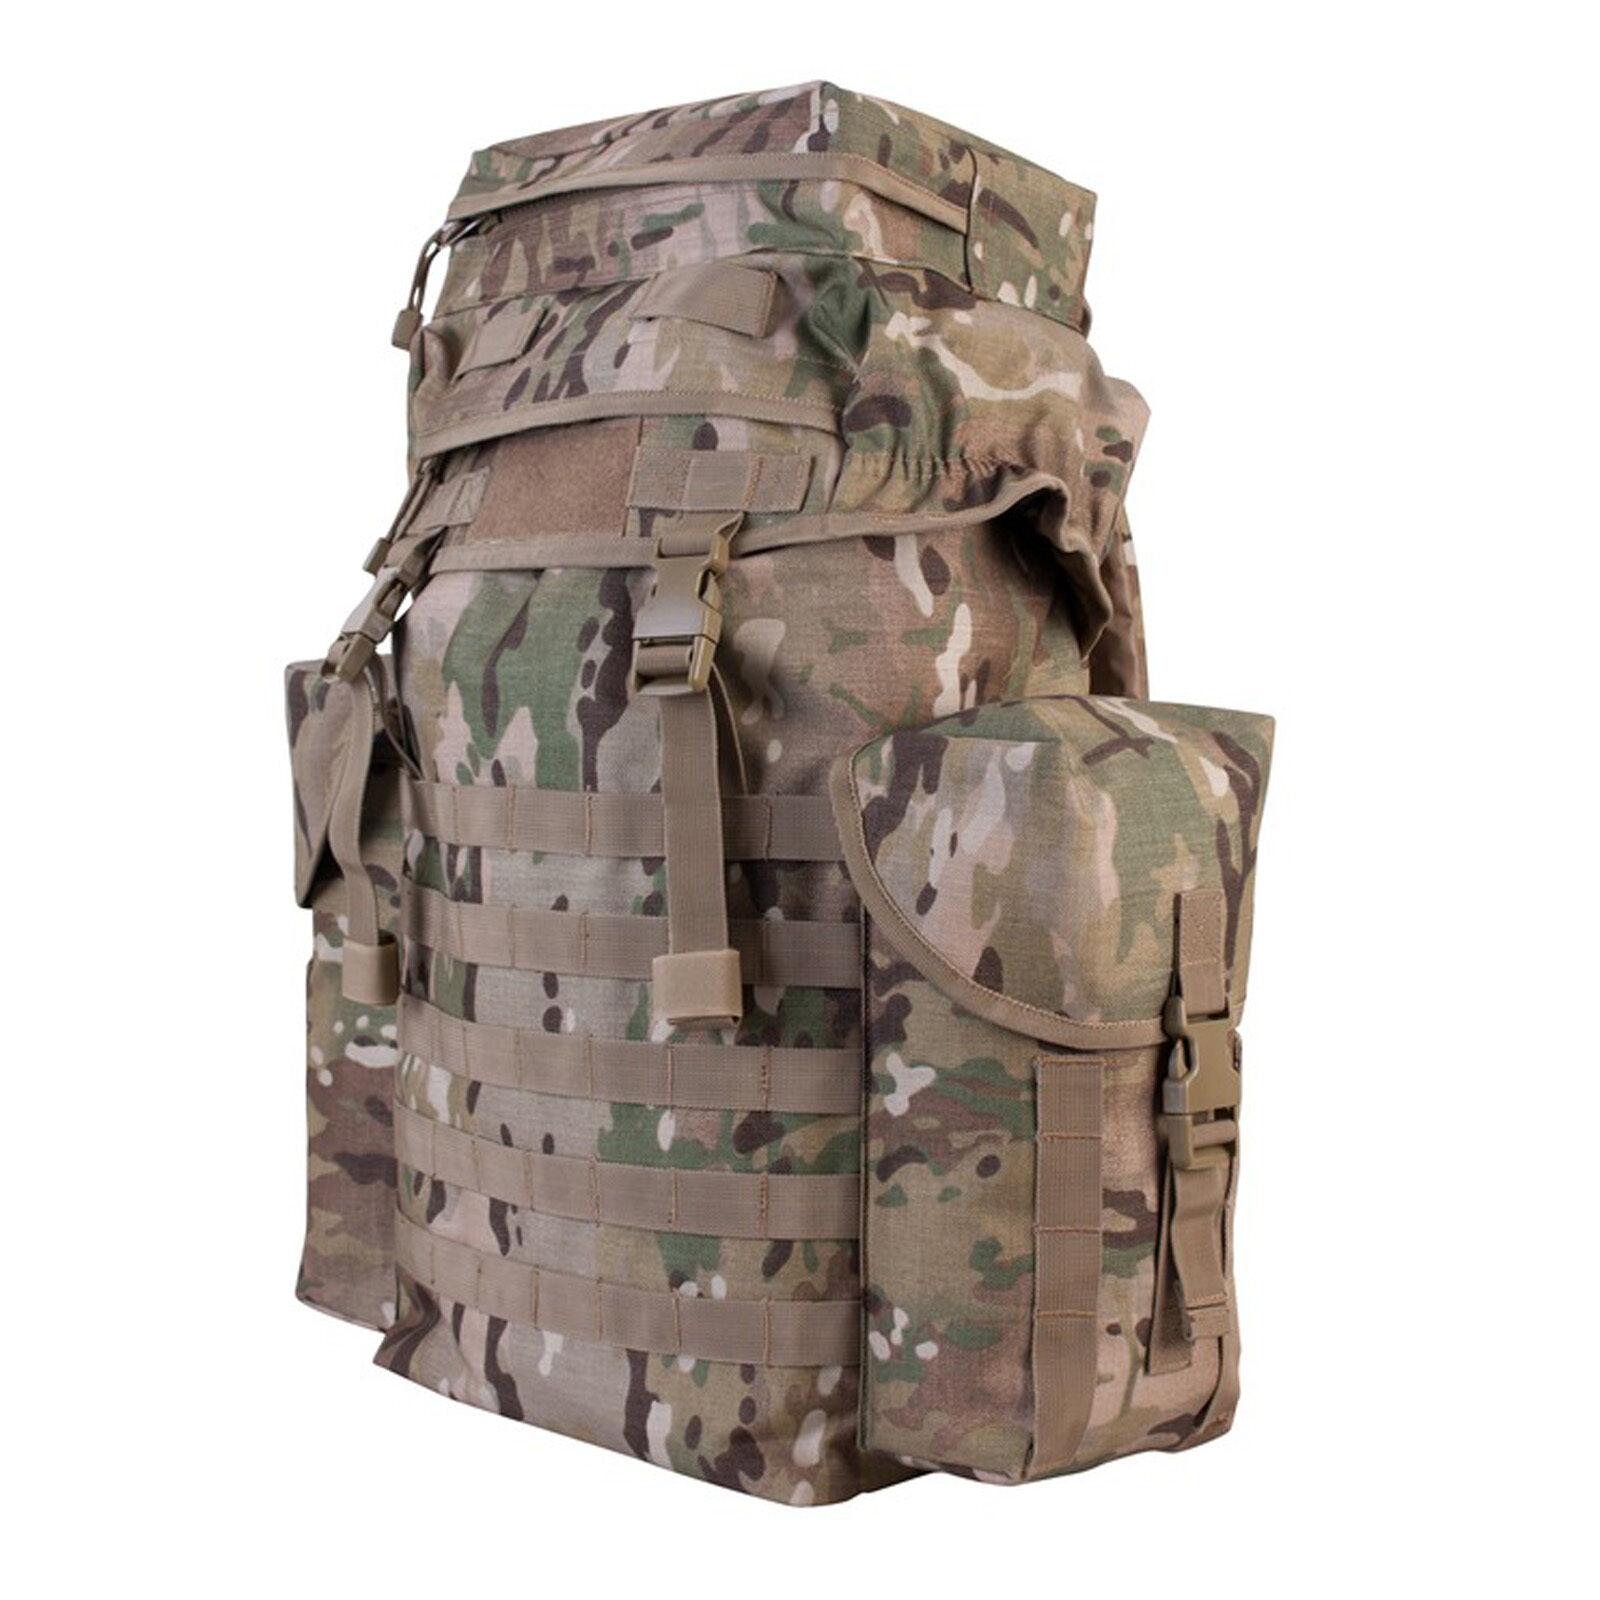 officielle MULTICAM N.I.Patrouille Sac Sac Sac 38 litres sac à dos - MILITAIRE cadets 506734